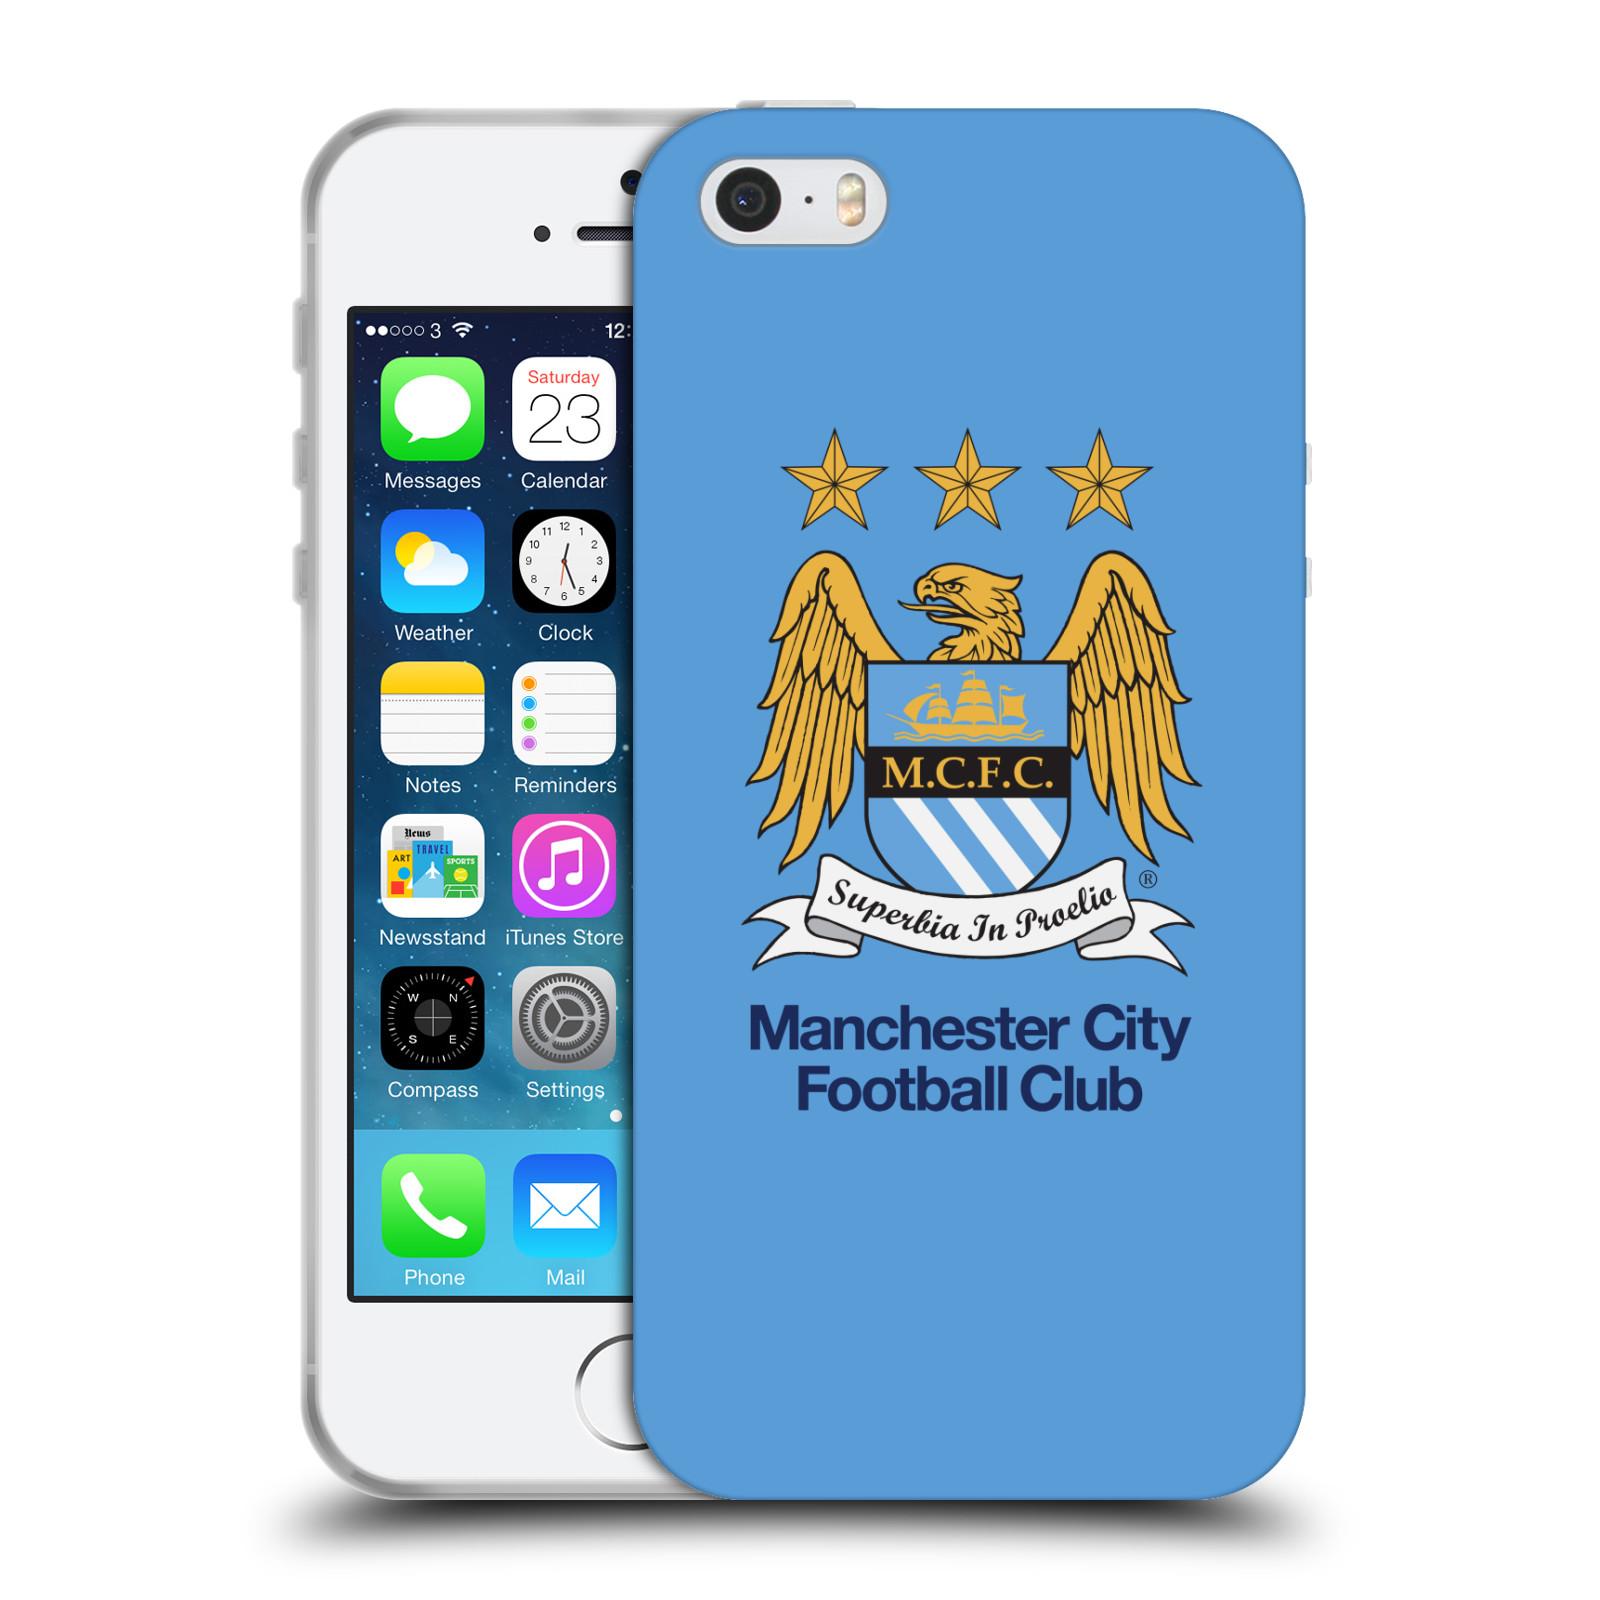 HEAD CASE silikonový obal na mobil Apple Iphone 5/5S Fotbalový klub Manchester City nebesky modrá pozadí velký znak pták